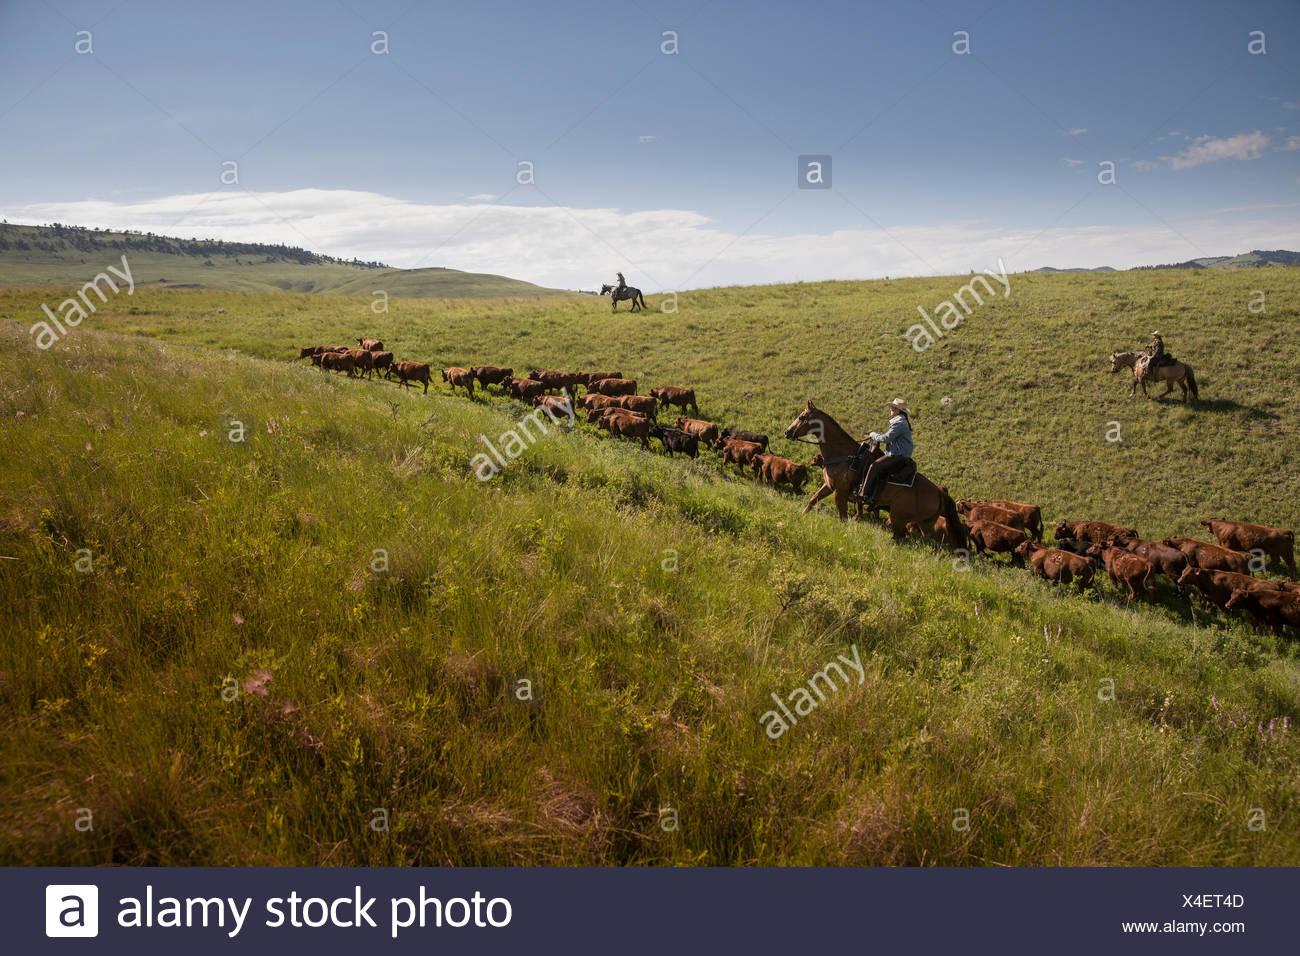 Swingers in hillside new jersey